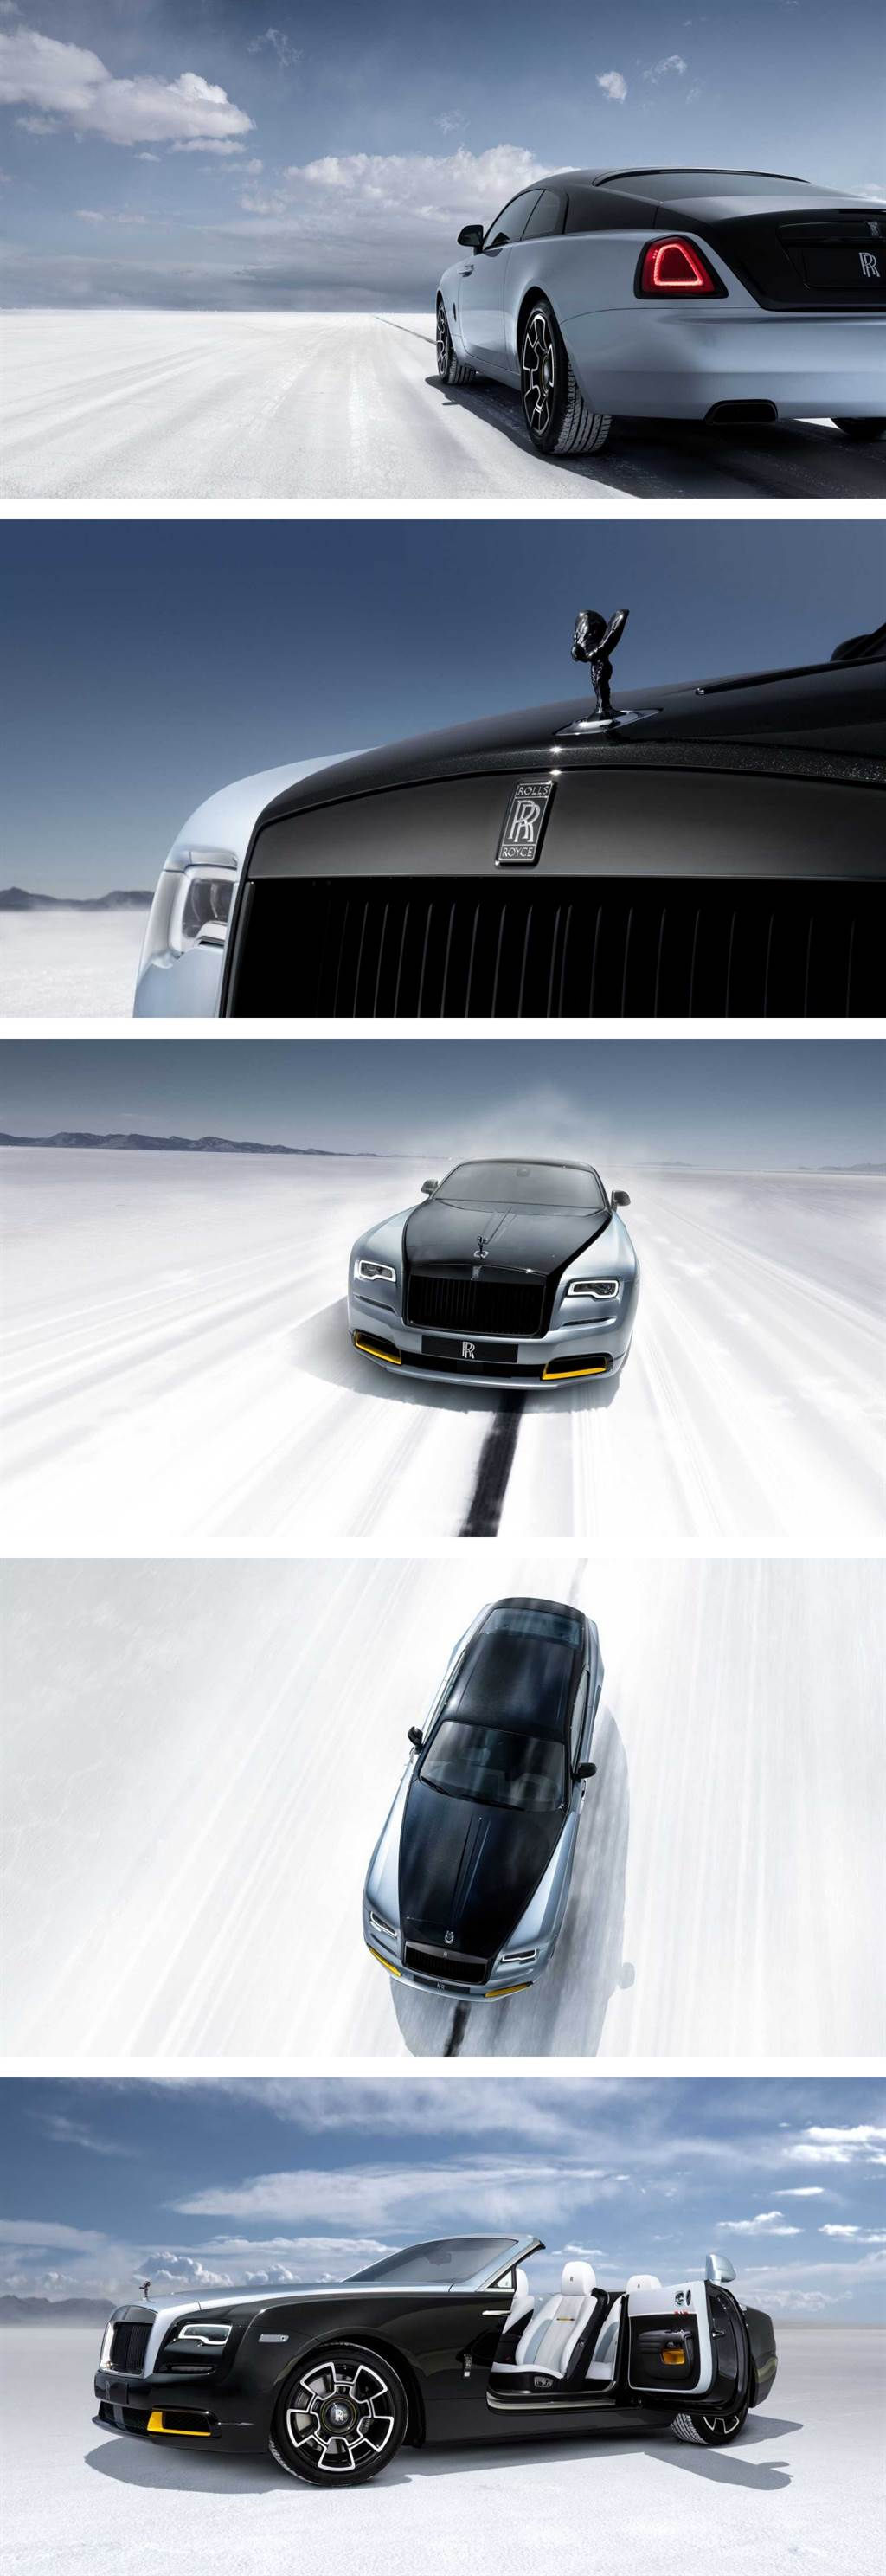 紀念曾經的陸地最速紀錄,Rolls-Royce Wraith & Dawn Black Badge Landspeed 限量推出